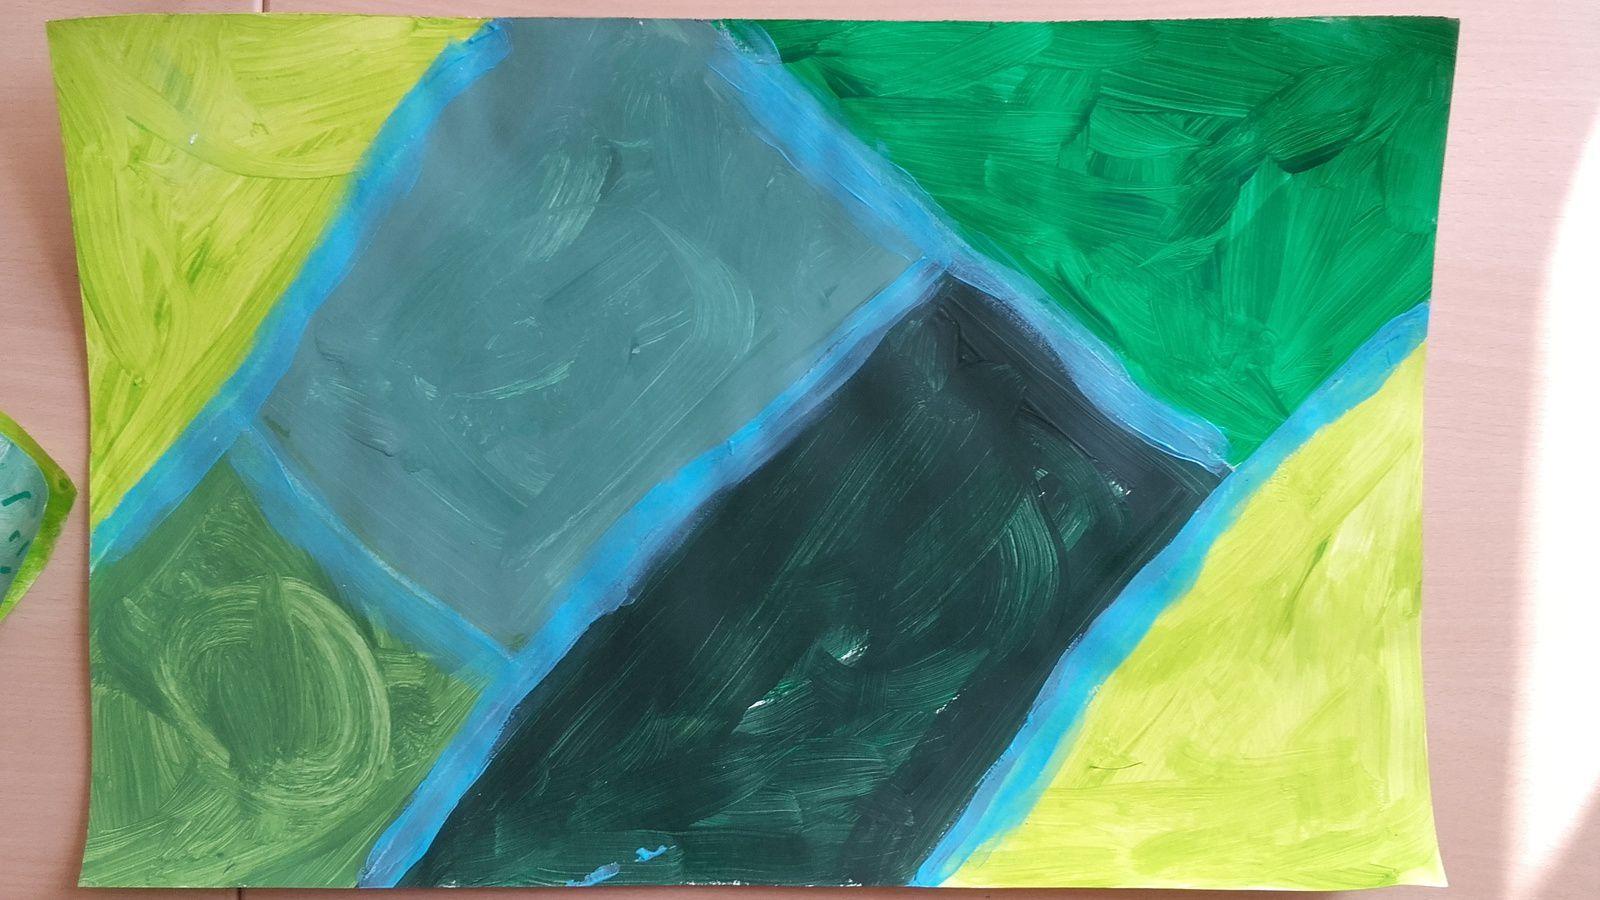 2. Réalisation du cerne pour séparer les champs (peinture bleue).